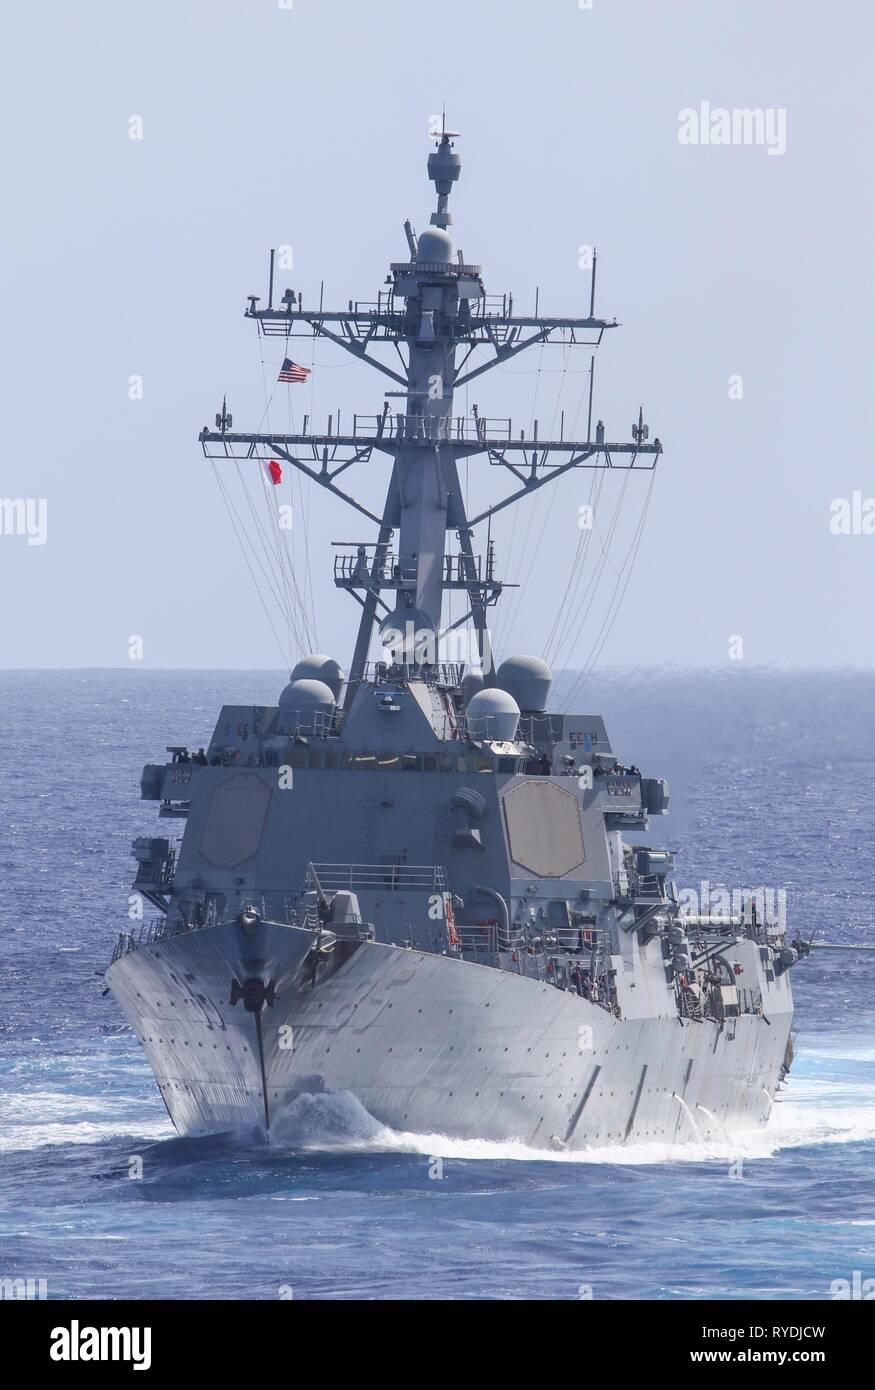 190311-N-DX072-1205 OCÉANO PACÍFICO (11 de marzo de 2019) La clase Arleigh-Burke misiles guiados destructor USS McCampbell (DDG 85) transita el Océano Pacífico durante un ejercicio de entrenamiento con otros buques de guerra de la Marina de los EE.UU. Los buques de guerra de la Marina de EE.UU. entrenan juntos para aumentar la habilidad táctica, la letalidad y la interoperabilidad de las unidades participantes en una época de gran potencia para la competencia. (Ee.Uu. Navy photo by Mass Communication Specialist 2ª clase Banuelos Anaid Rodríguez) Foto de stock